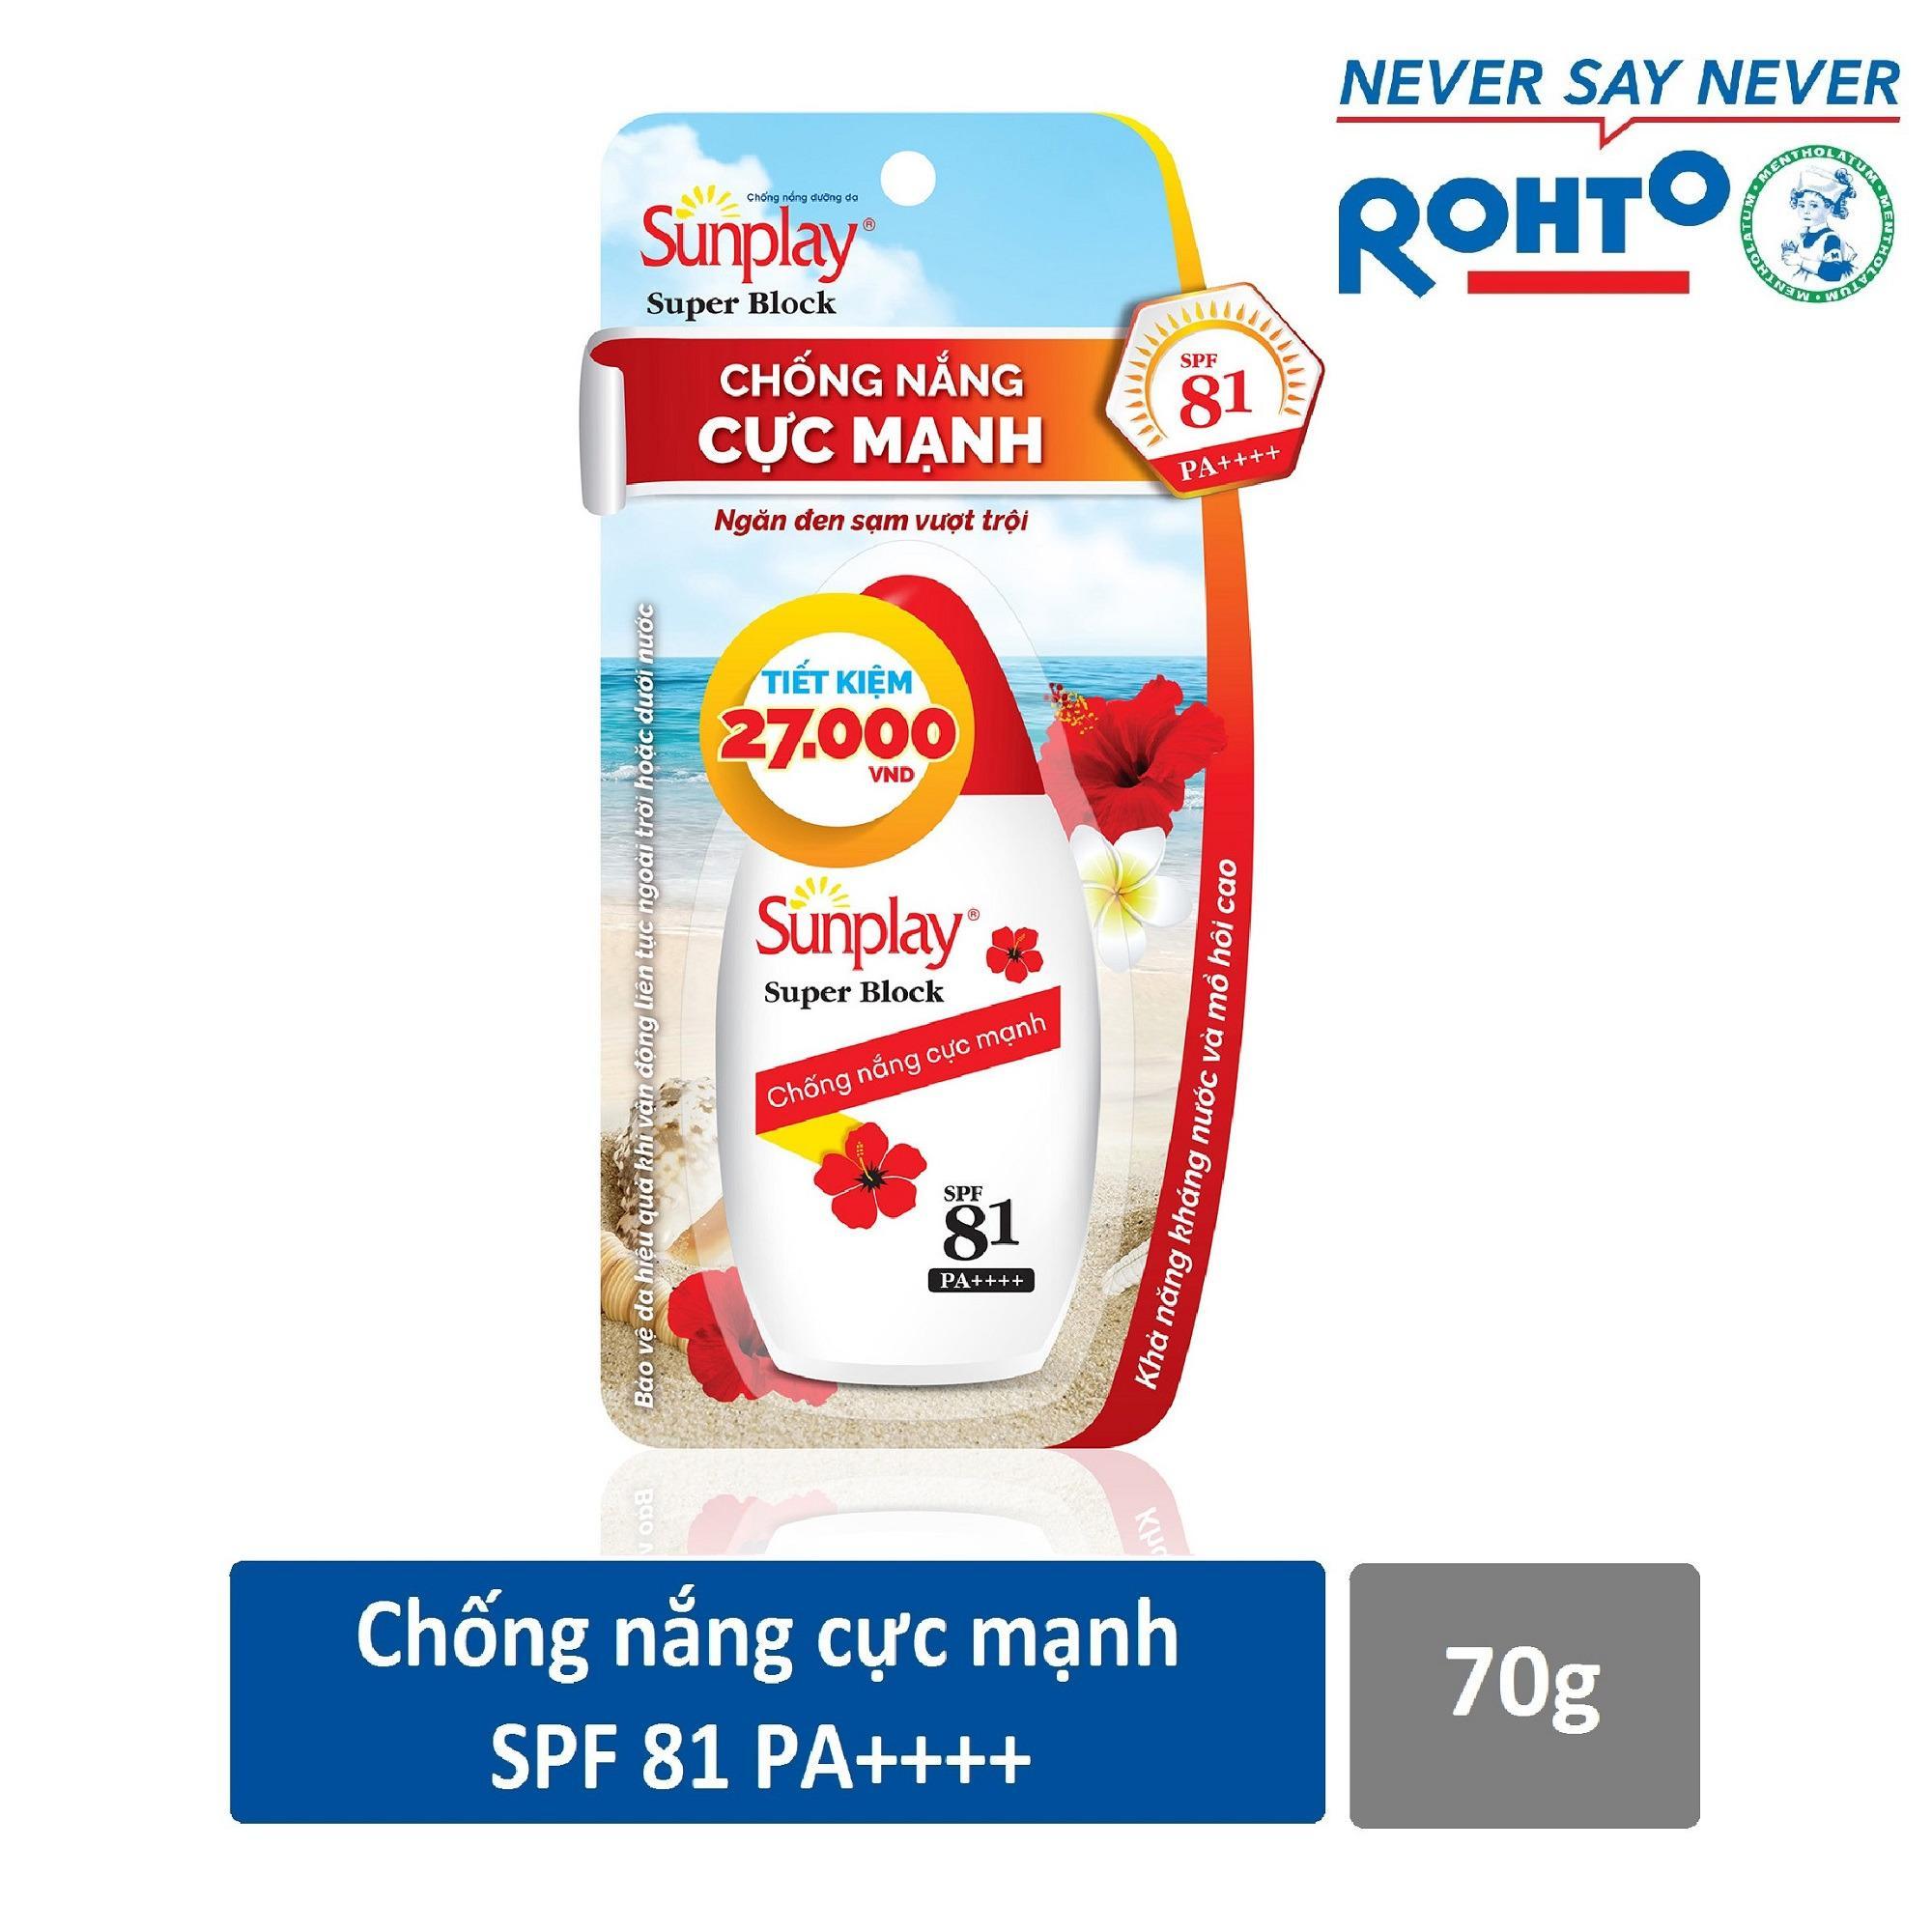 Mua Sữa Chống Nắng Cực Mạnh Sunplay Super Block Spf 81 Pa 70G Hồ Chí Minh